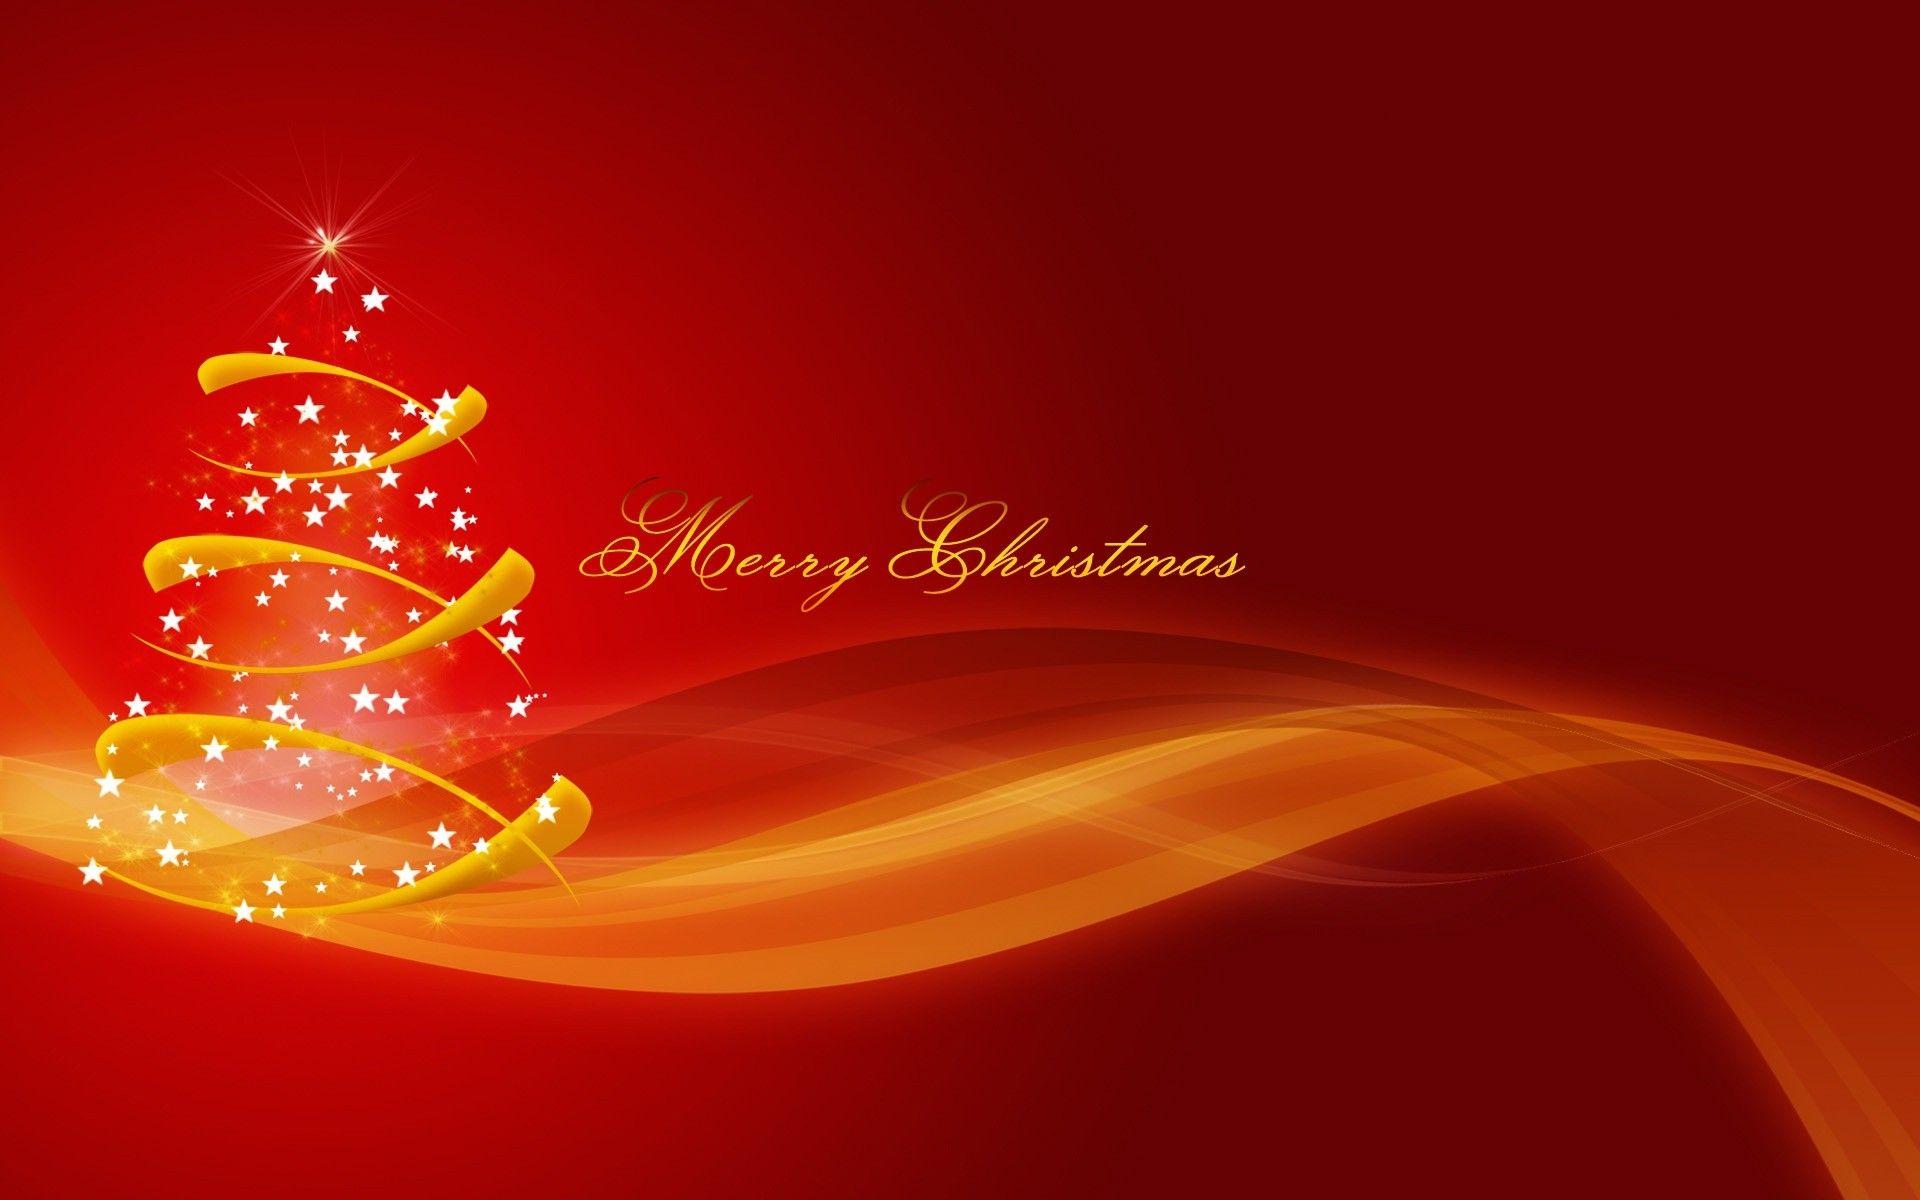 Beste-Frohe-Weihnachten | Persönliches | Pinterest | Weihnachten ...